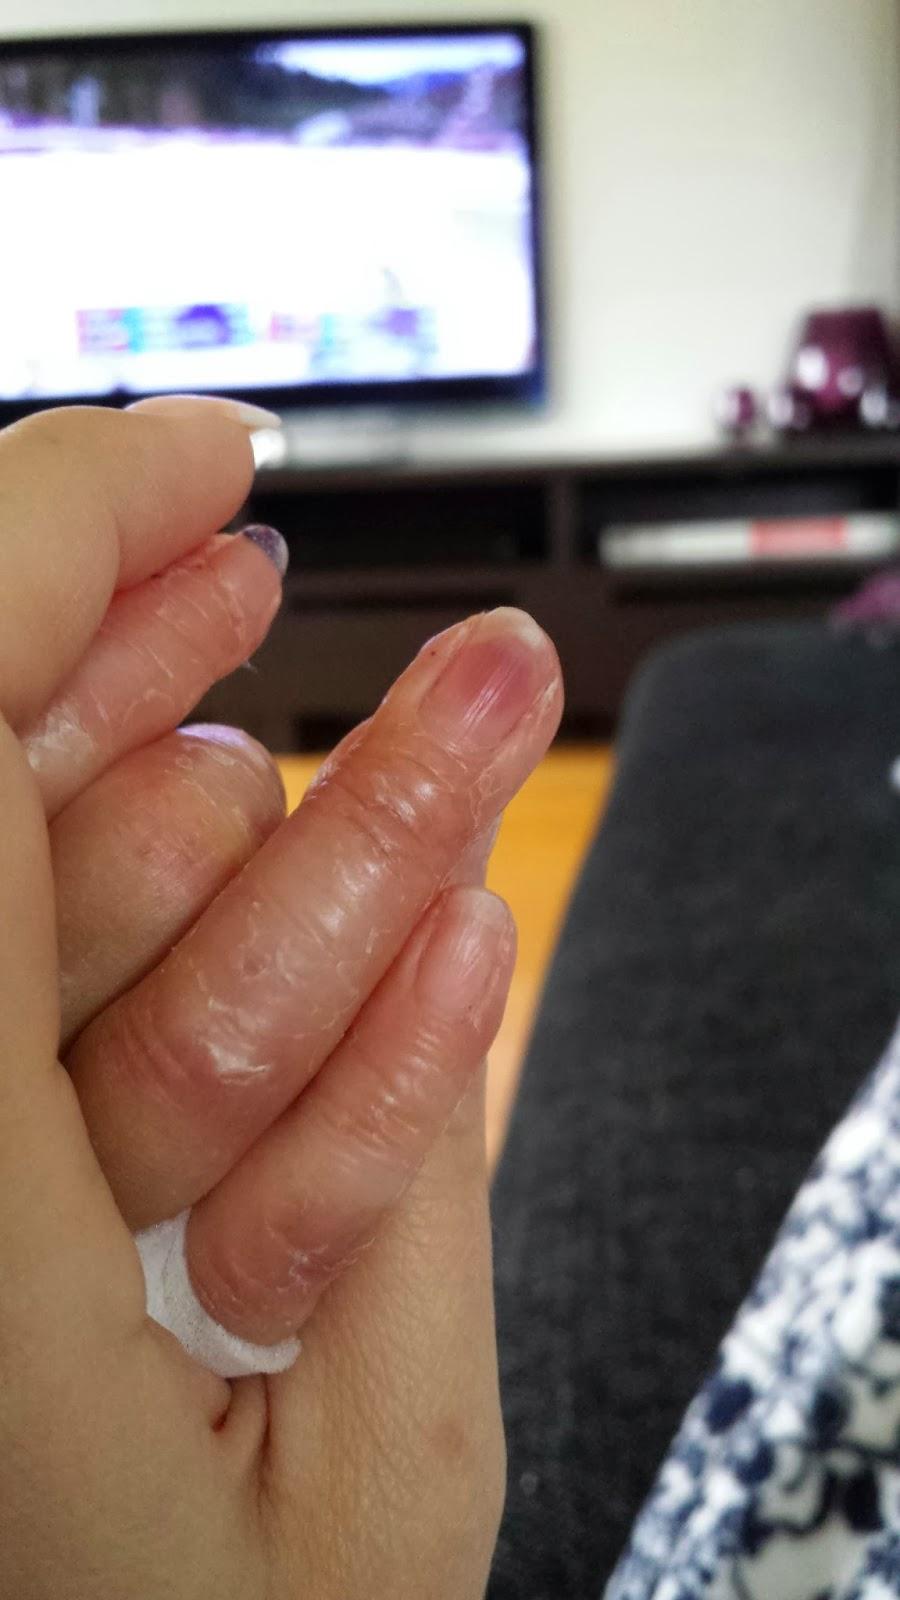 klämt finger vård